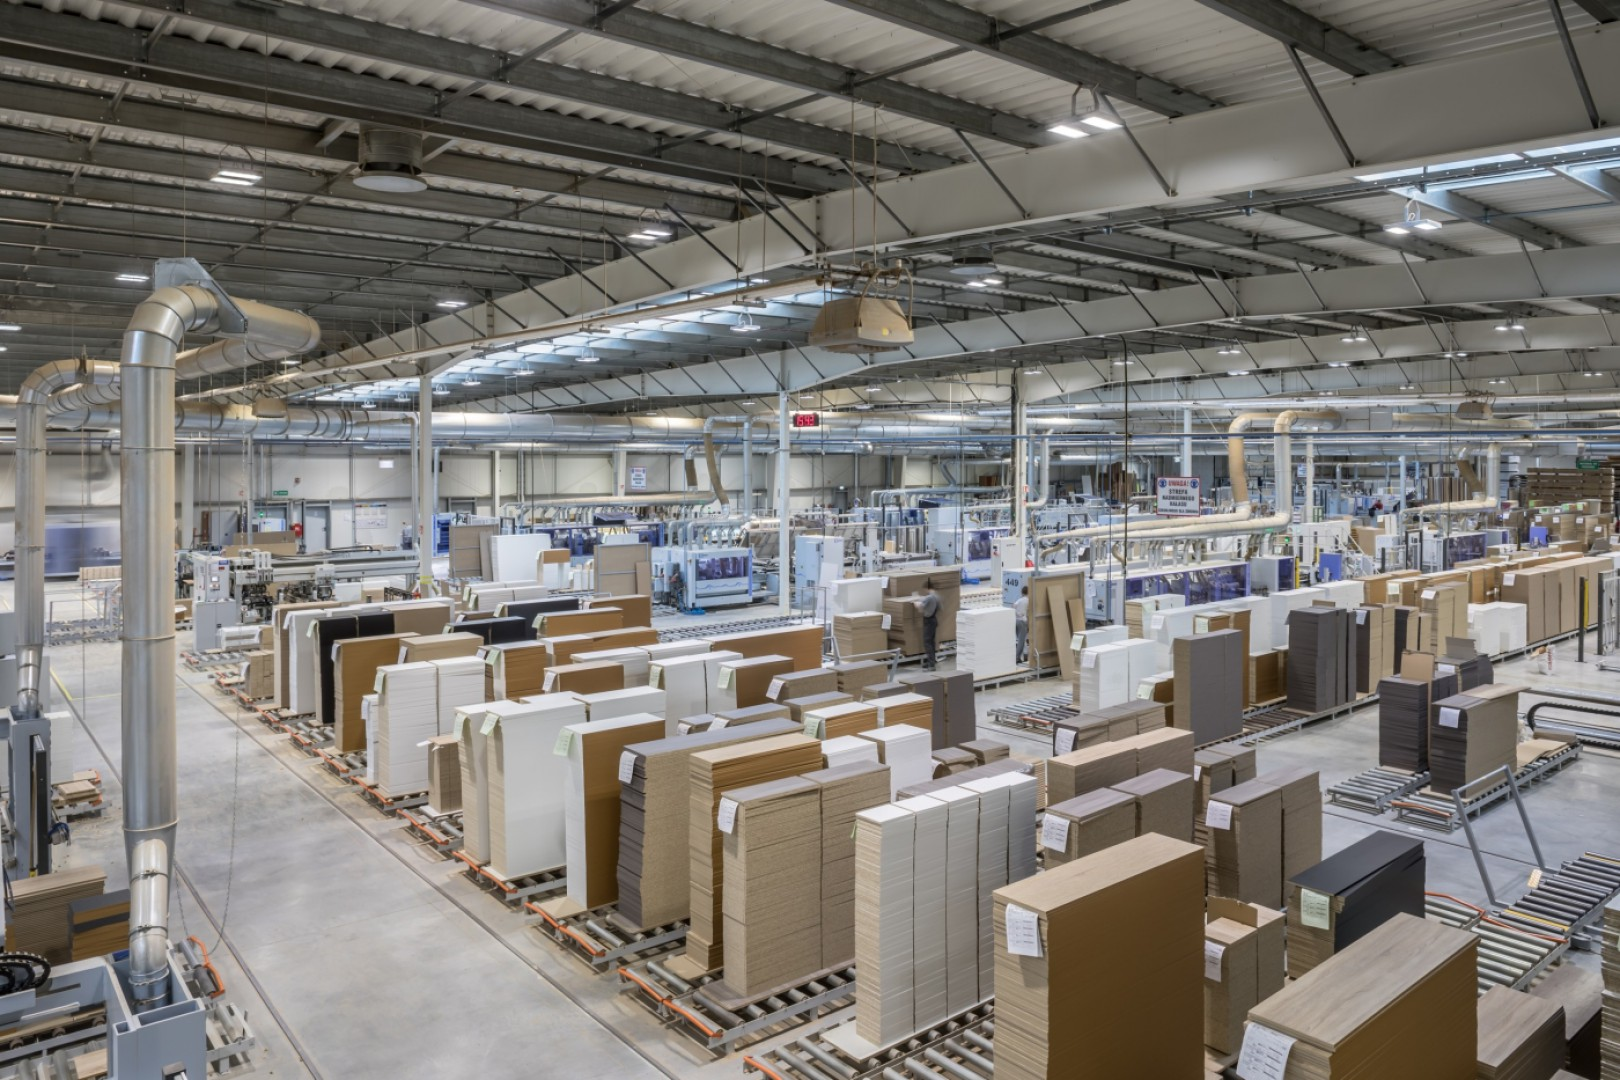 Fabryka firmy Meble Wójcik w Elblągu. Fot. Meble Wójcik